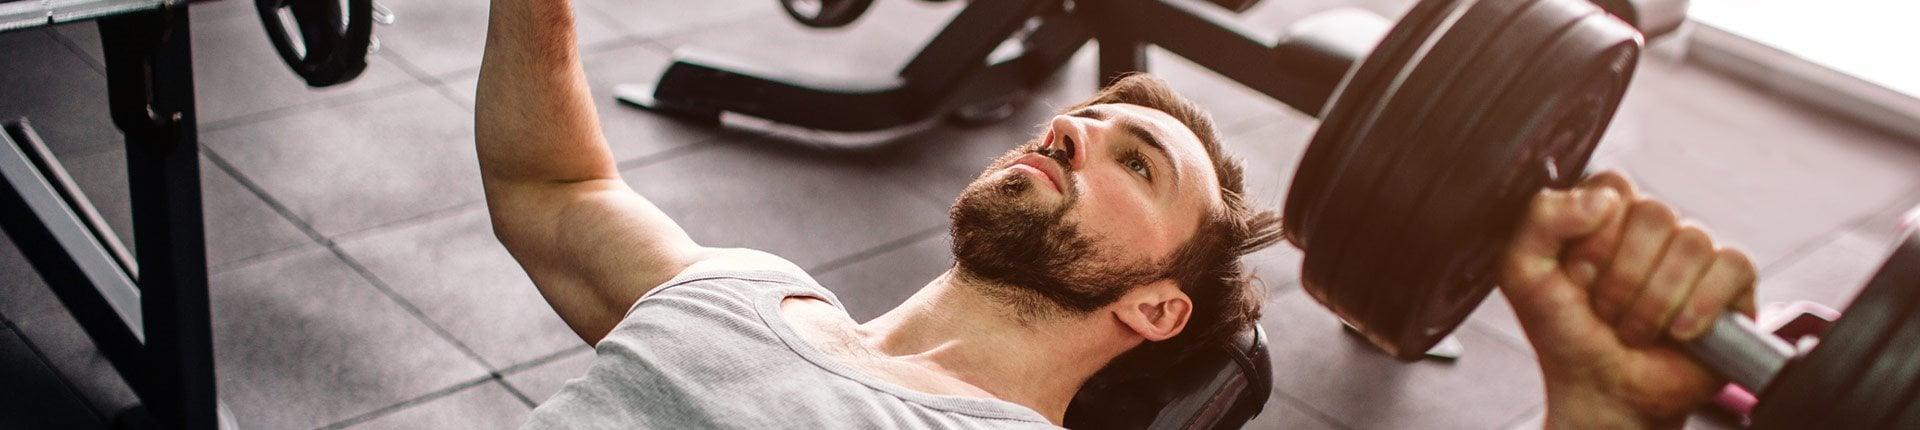 Jak trening z obciążeniem wpływa na kości? Siłownia a zdrowe kości